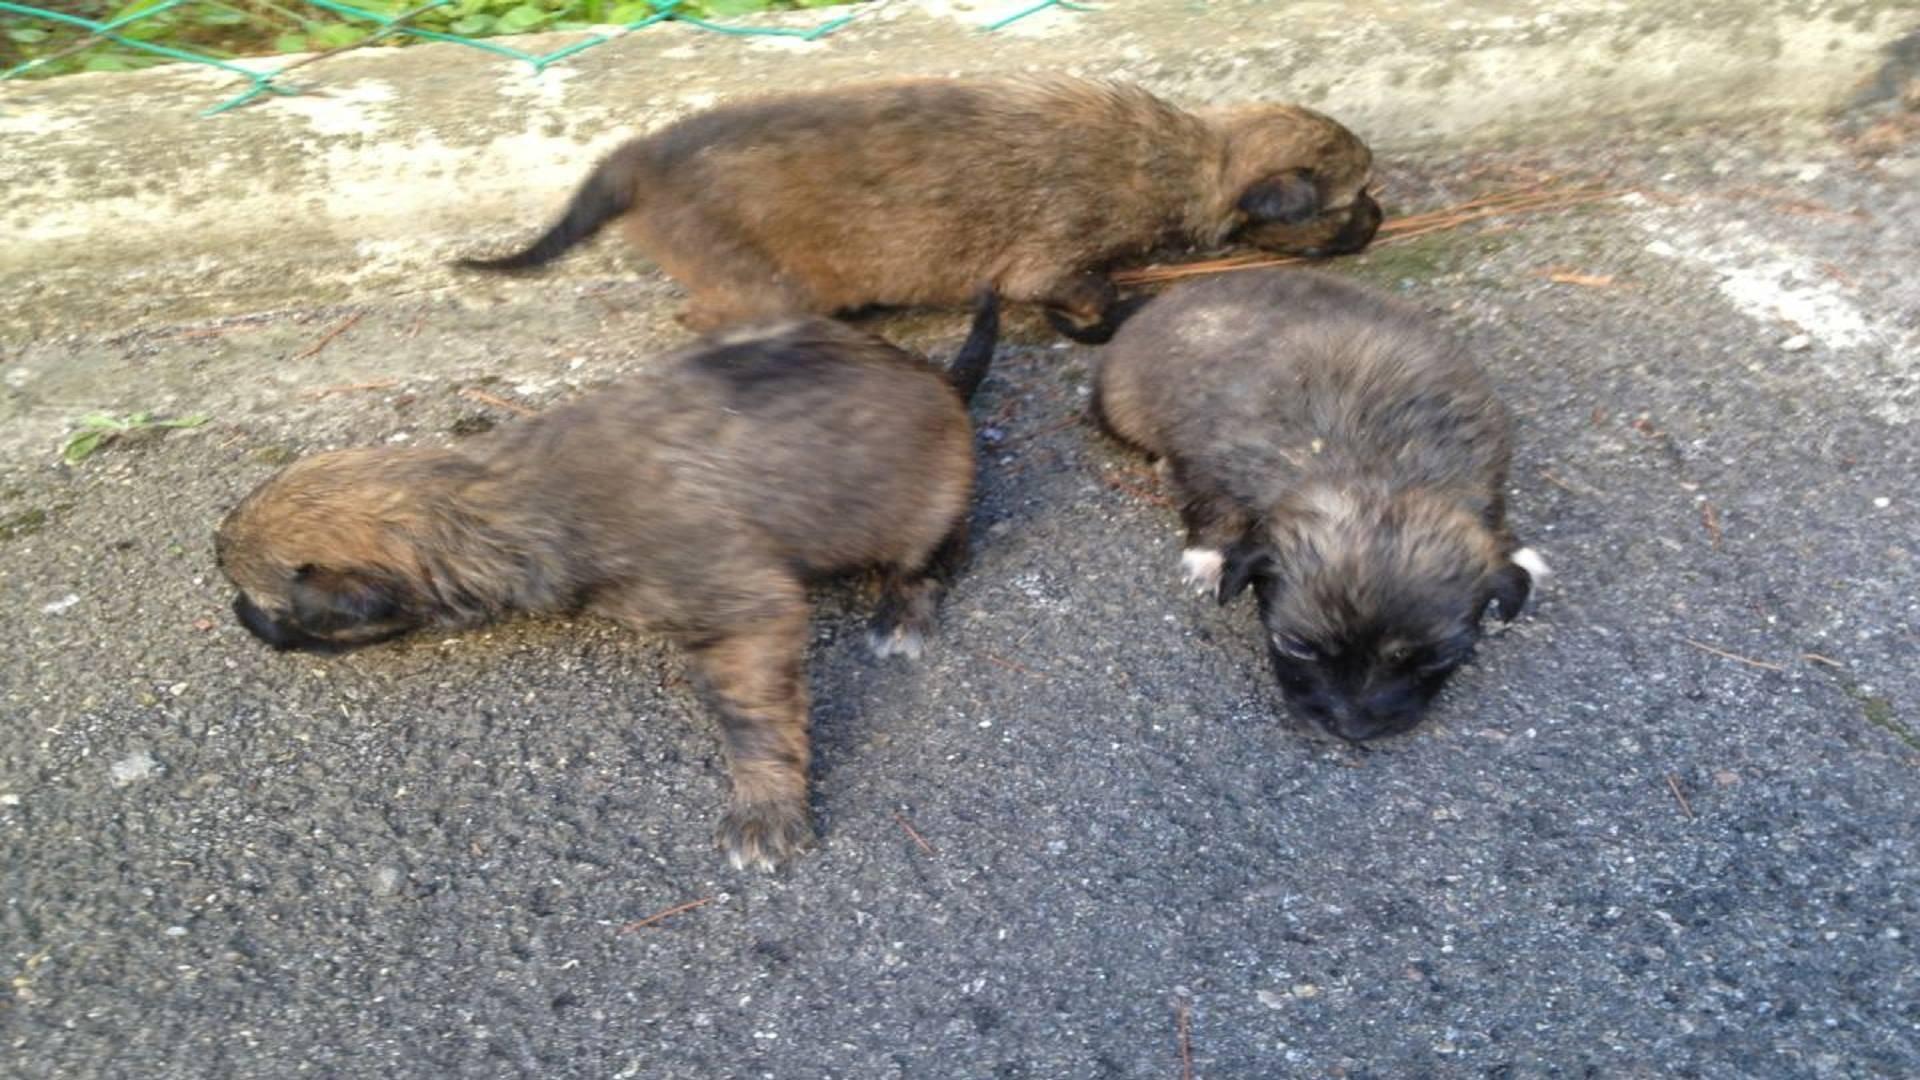 Getta cuccioli di cane in un dirupo, incastrato dalle telecamere